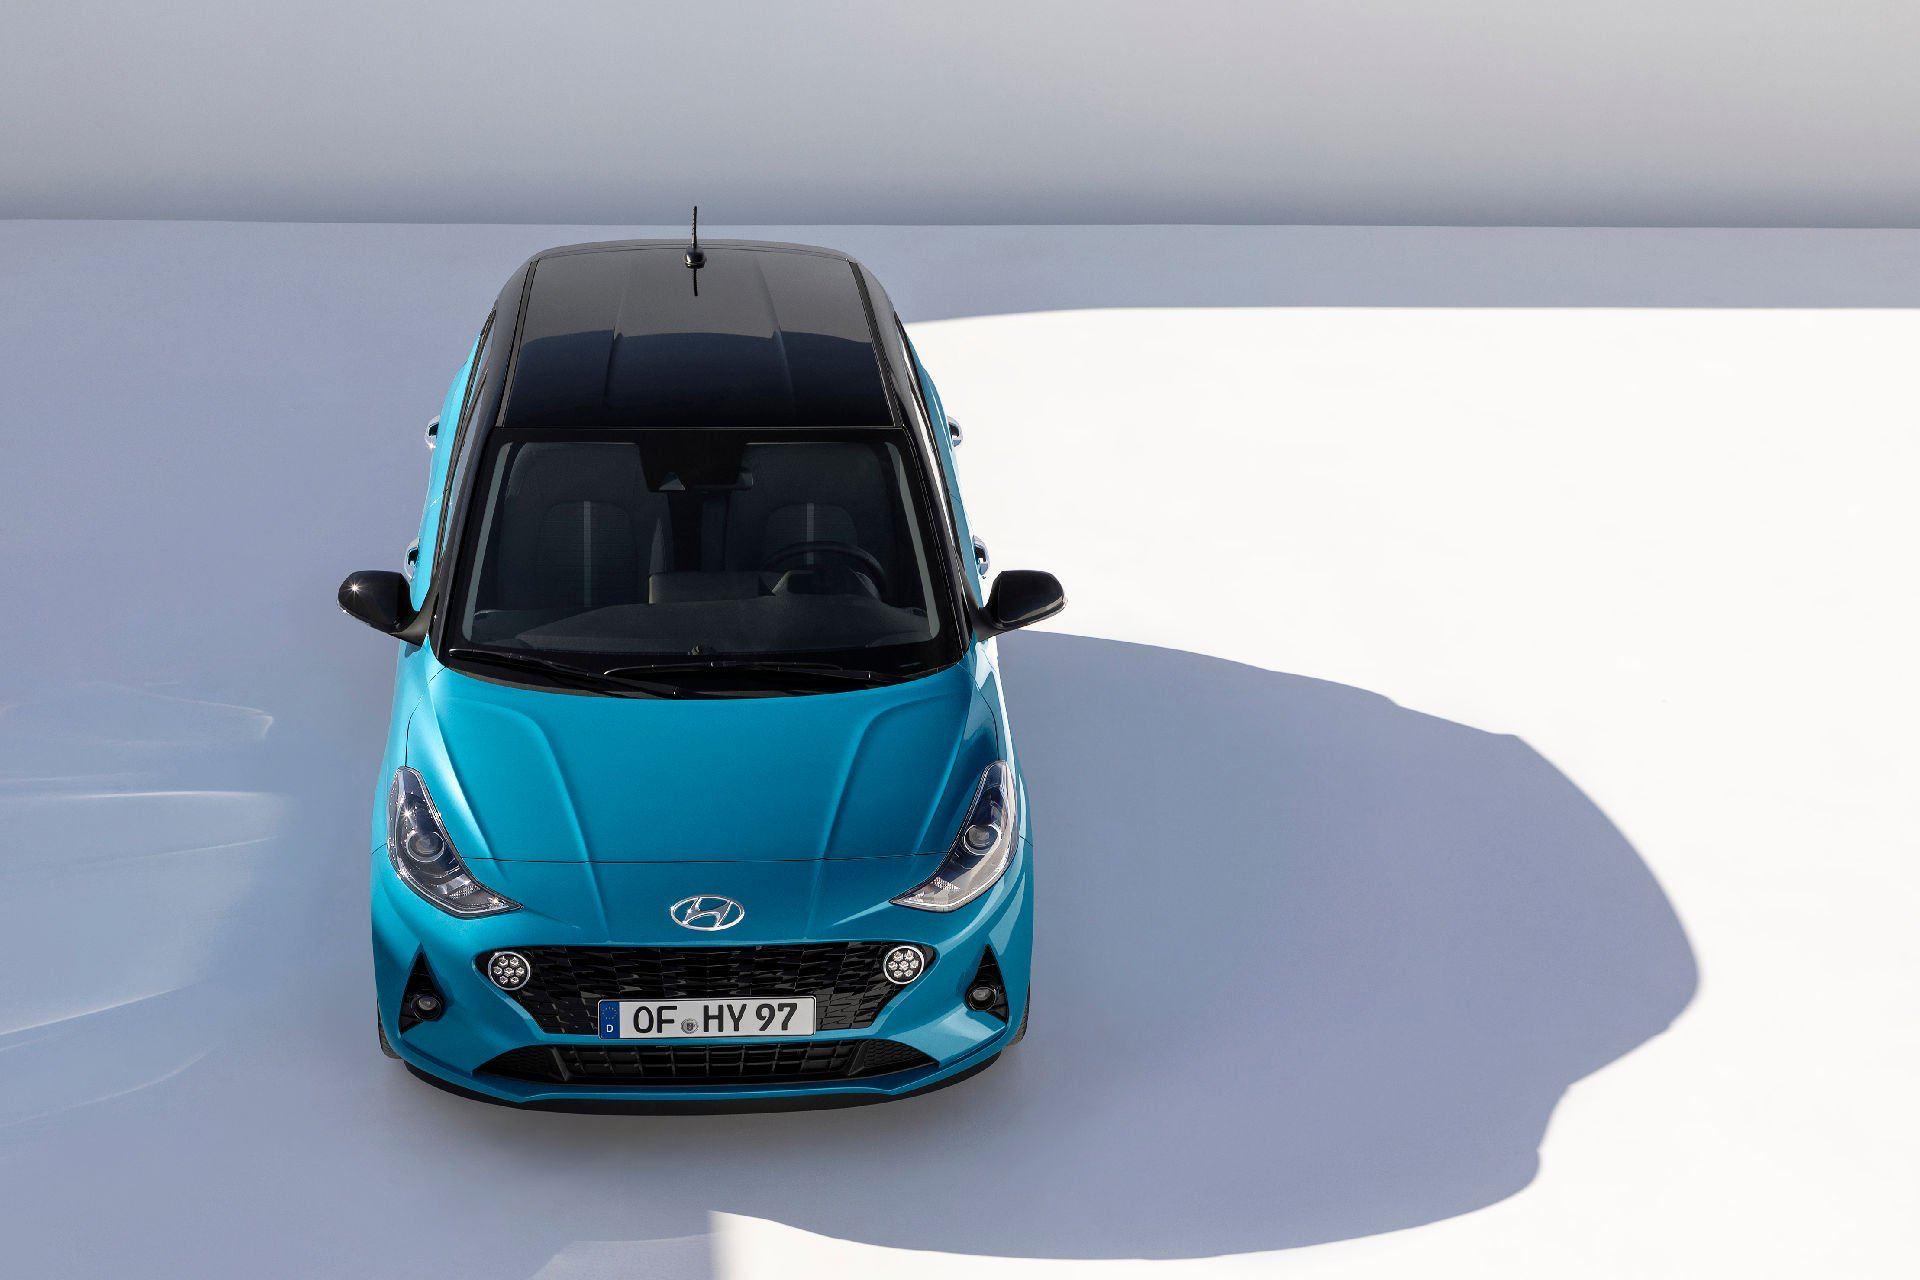 Hyundai i10 thế hệ mới sắp được ra mắt tại Frankfurt Motor Show 2019 - 7